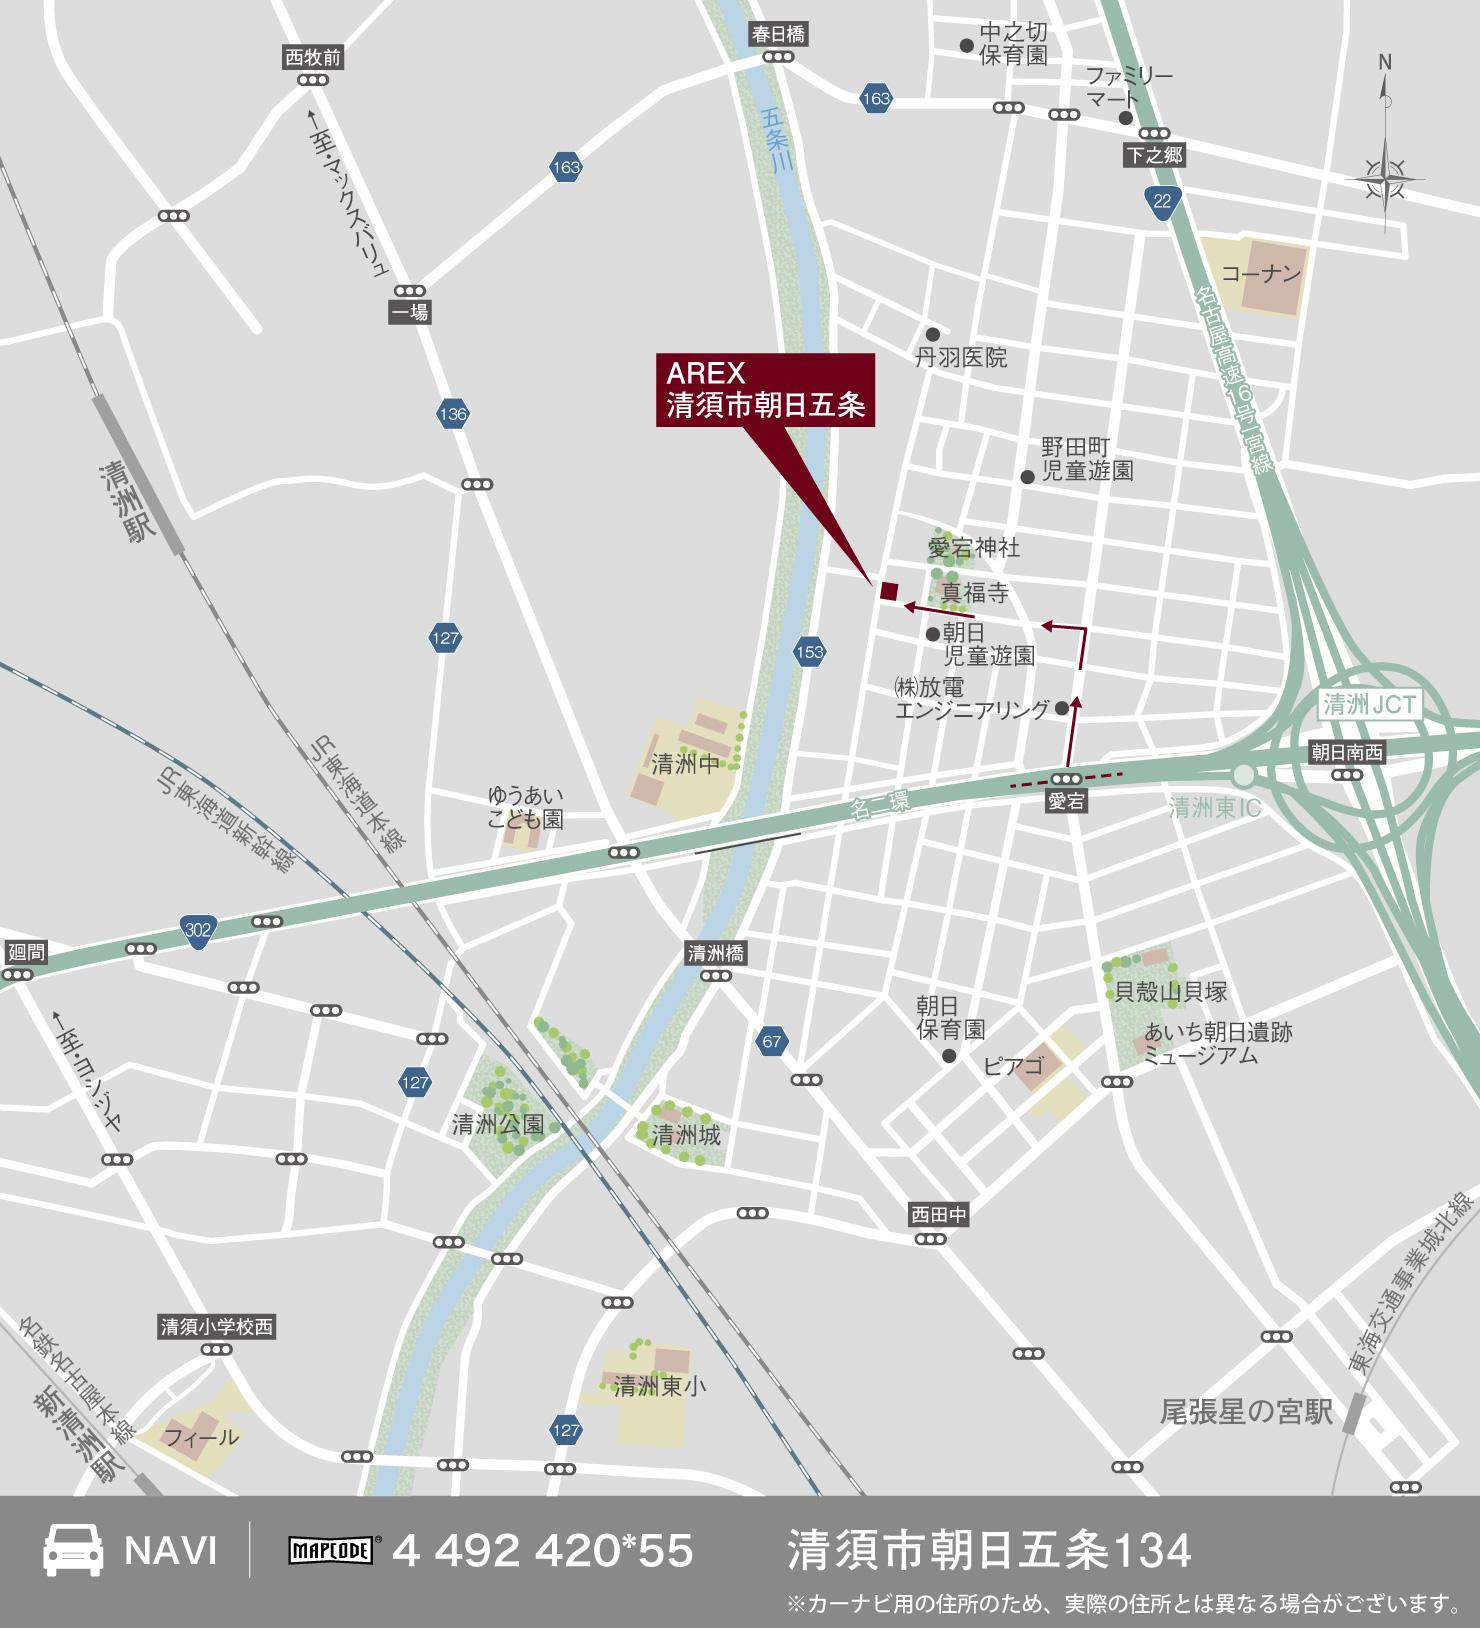 3_地図_清須市朝日五条